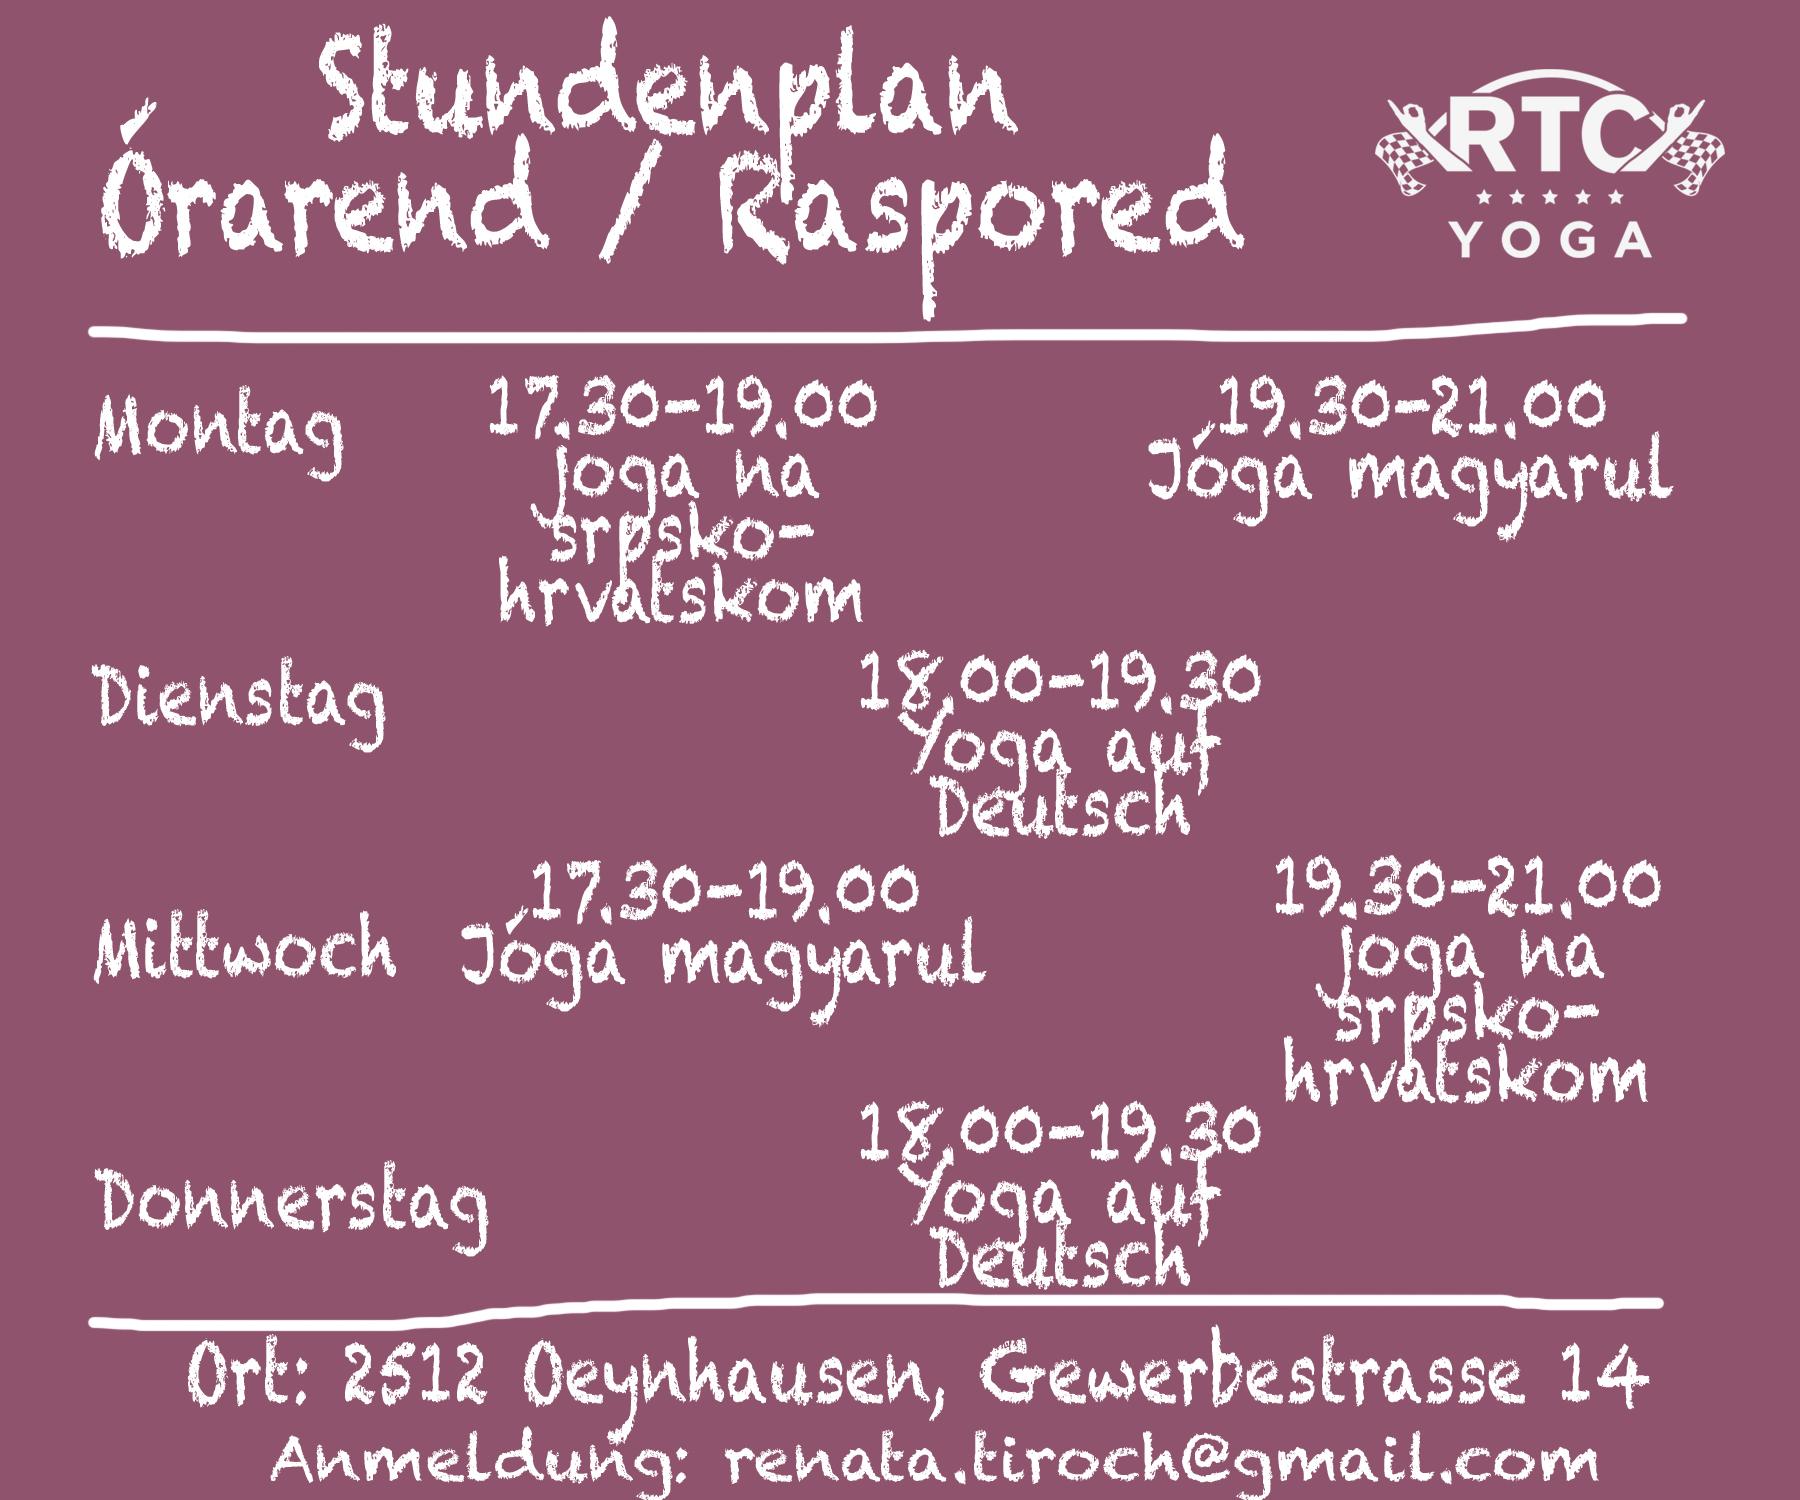 RTC Yoga Stundenplan - 2017. Sommersemester